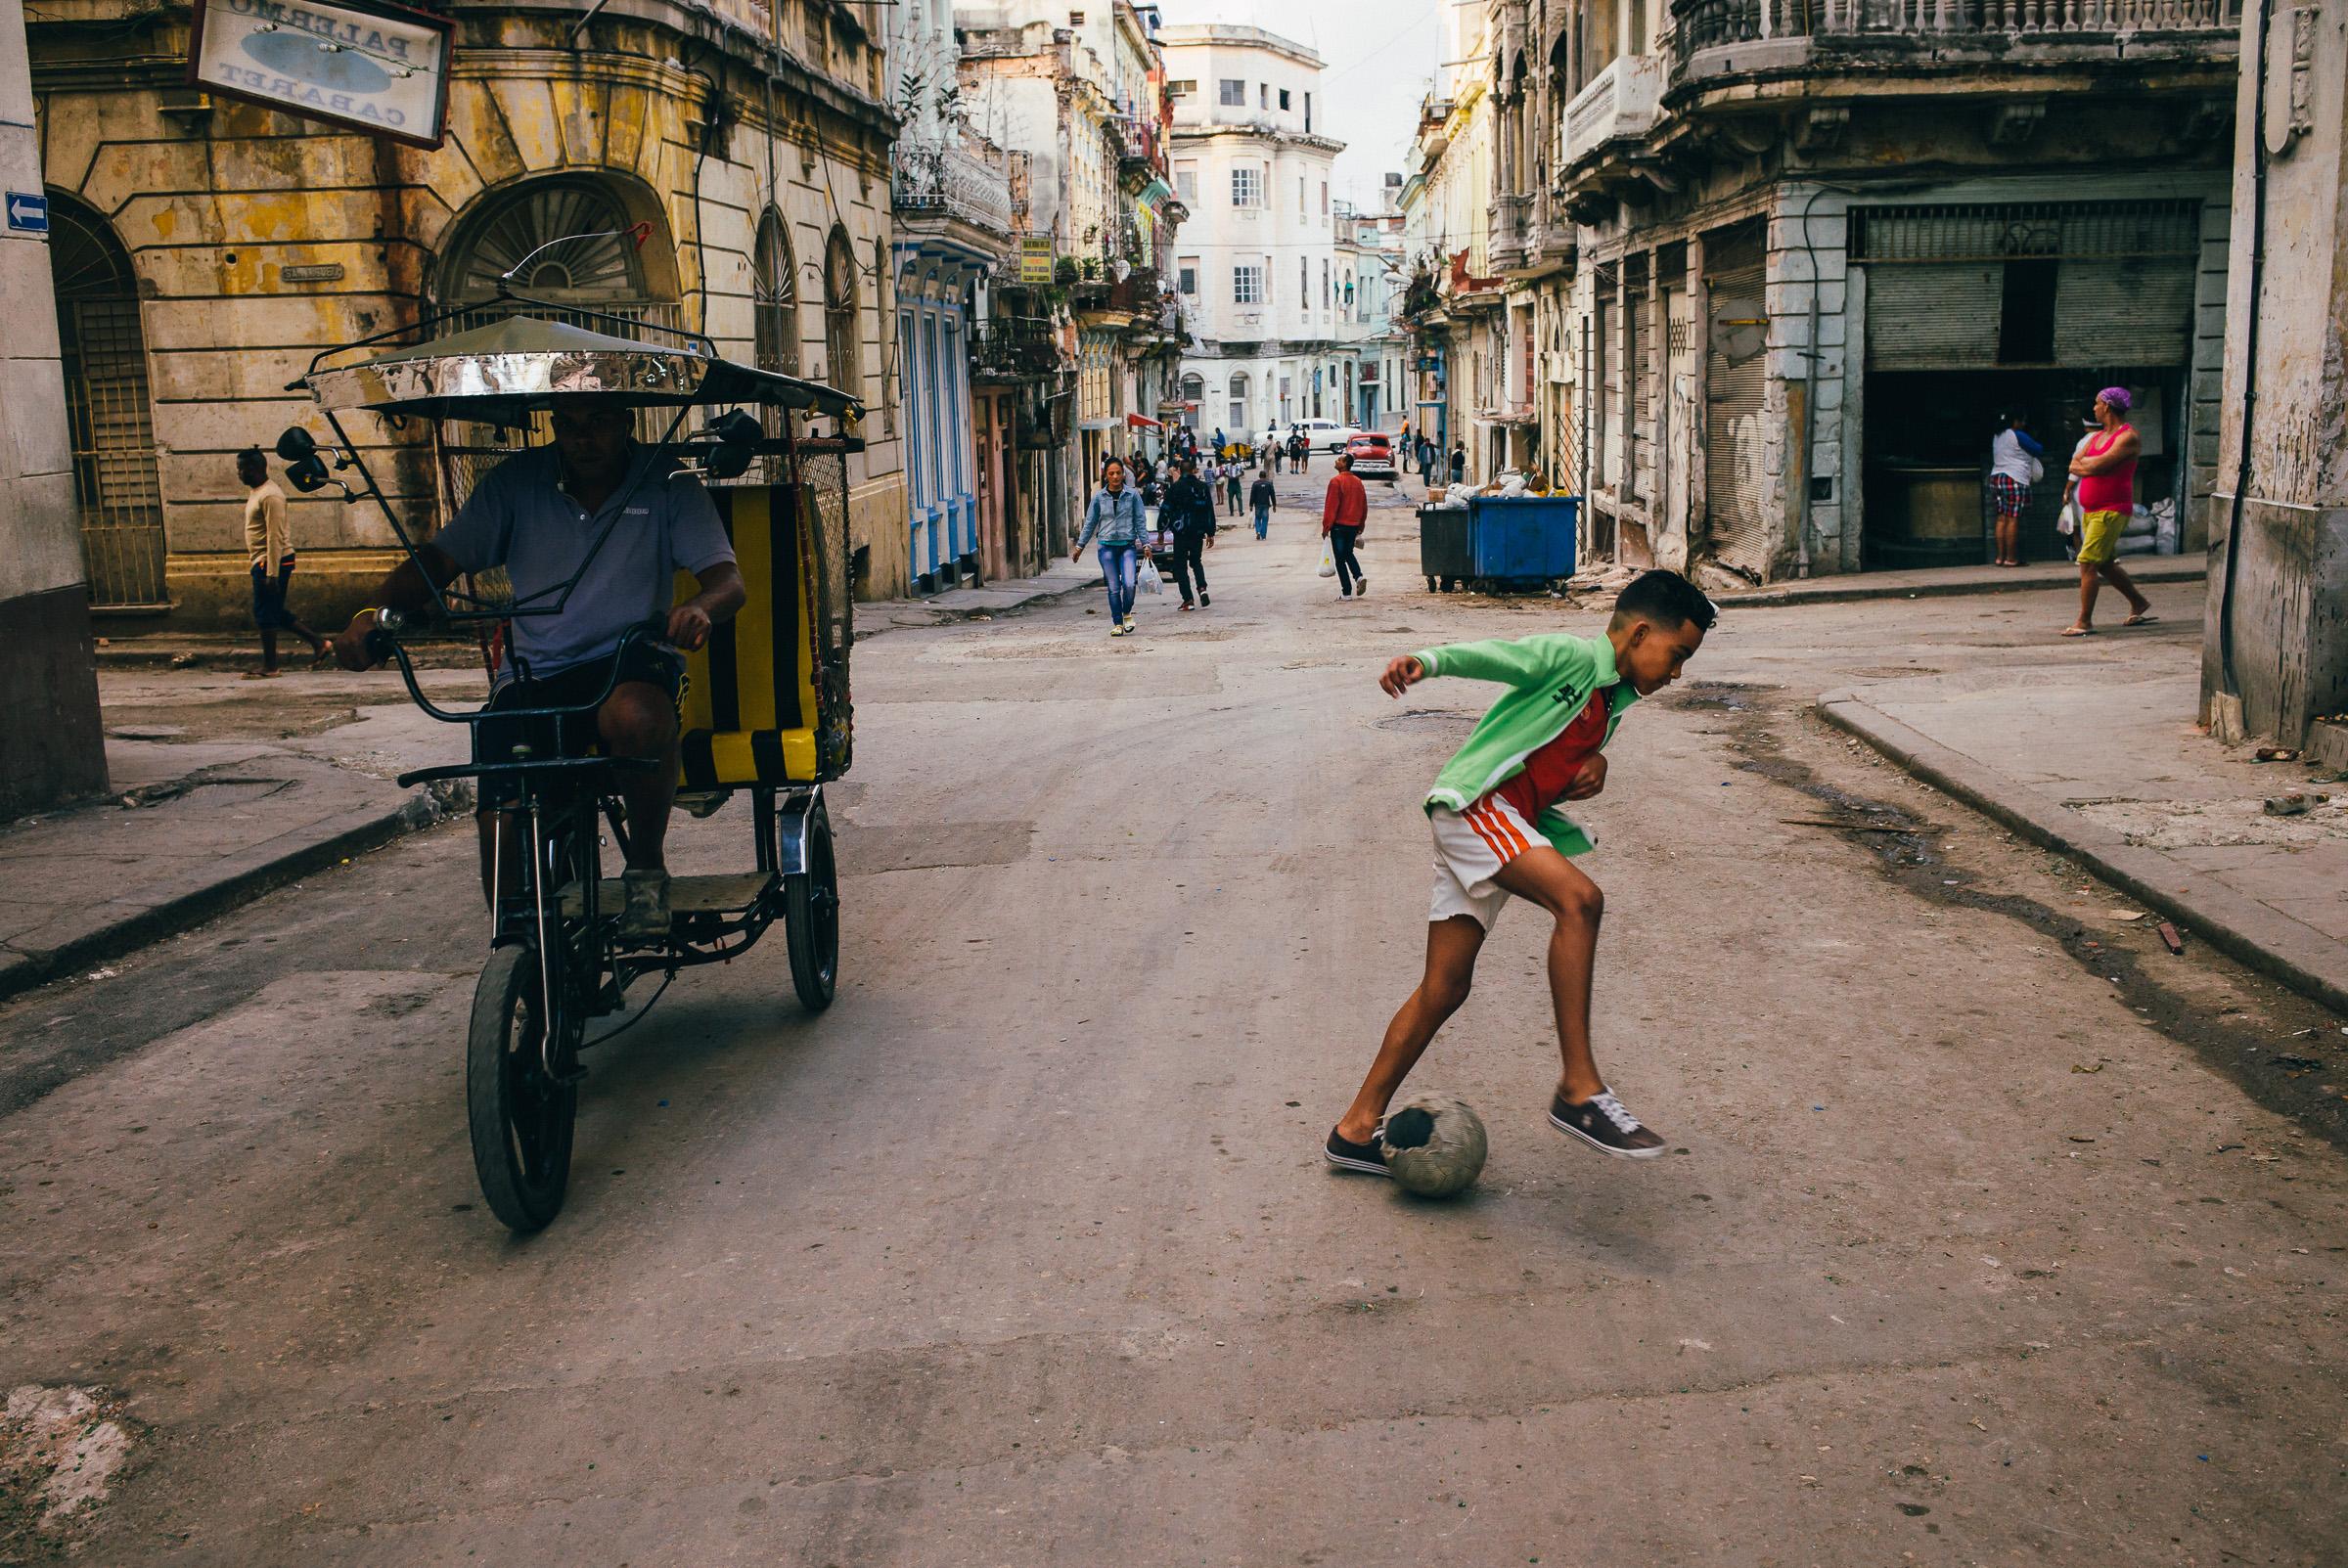 brandon_patoc_travel_photographer_in_havana_cuba_0002.jpg